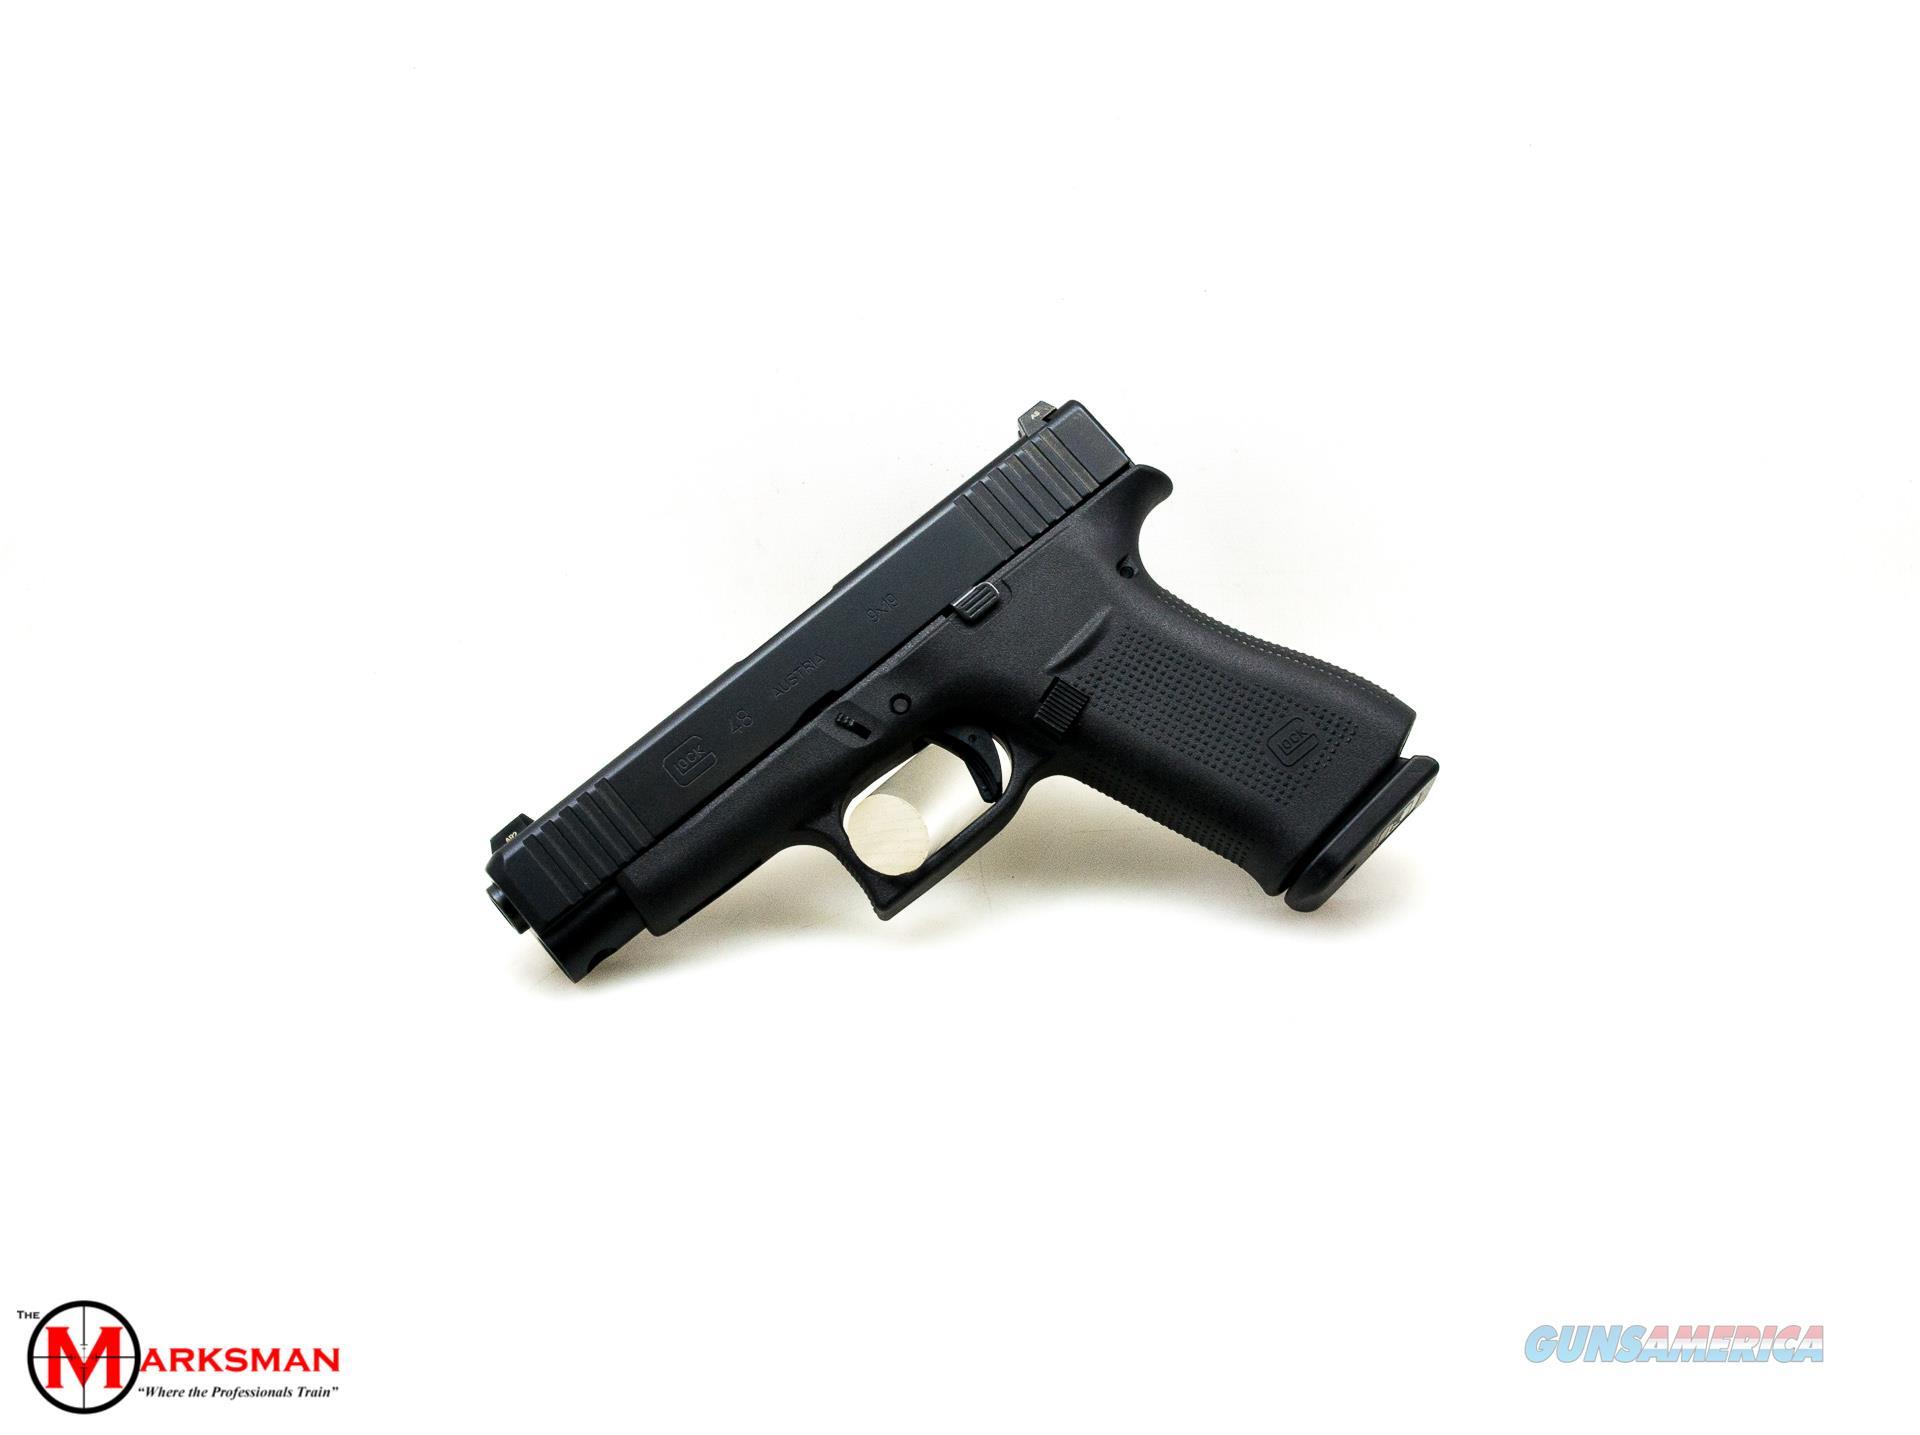 Glock 48, 9mm, Tritium Night Sights NEW PA4850701  Guns > Pistols > Glock Pistols > 48